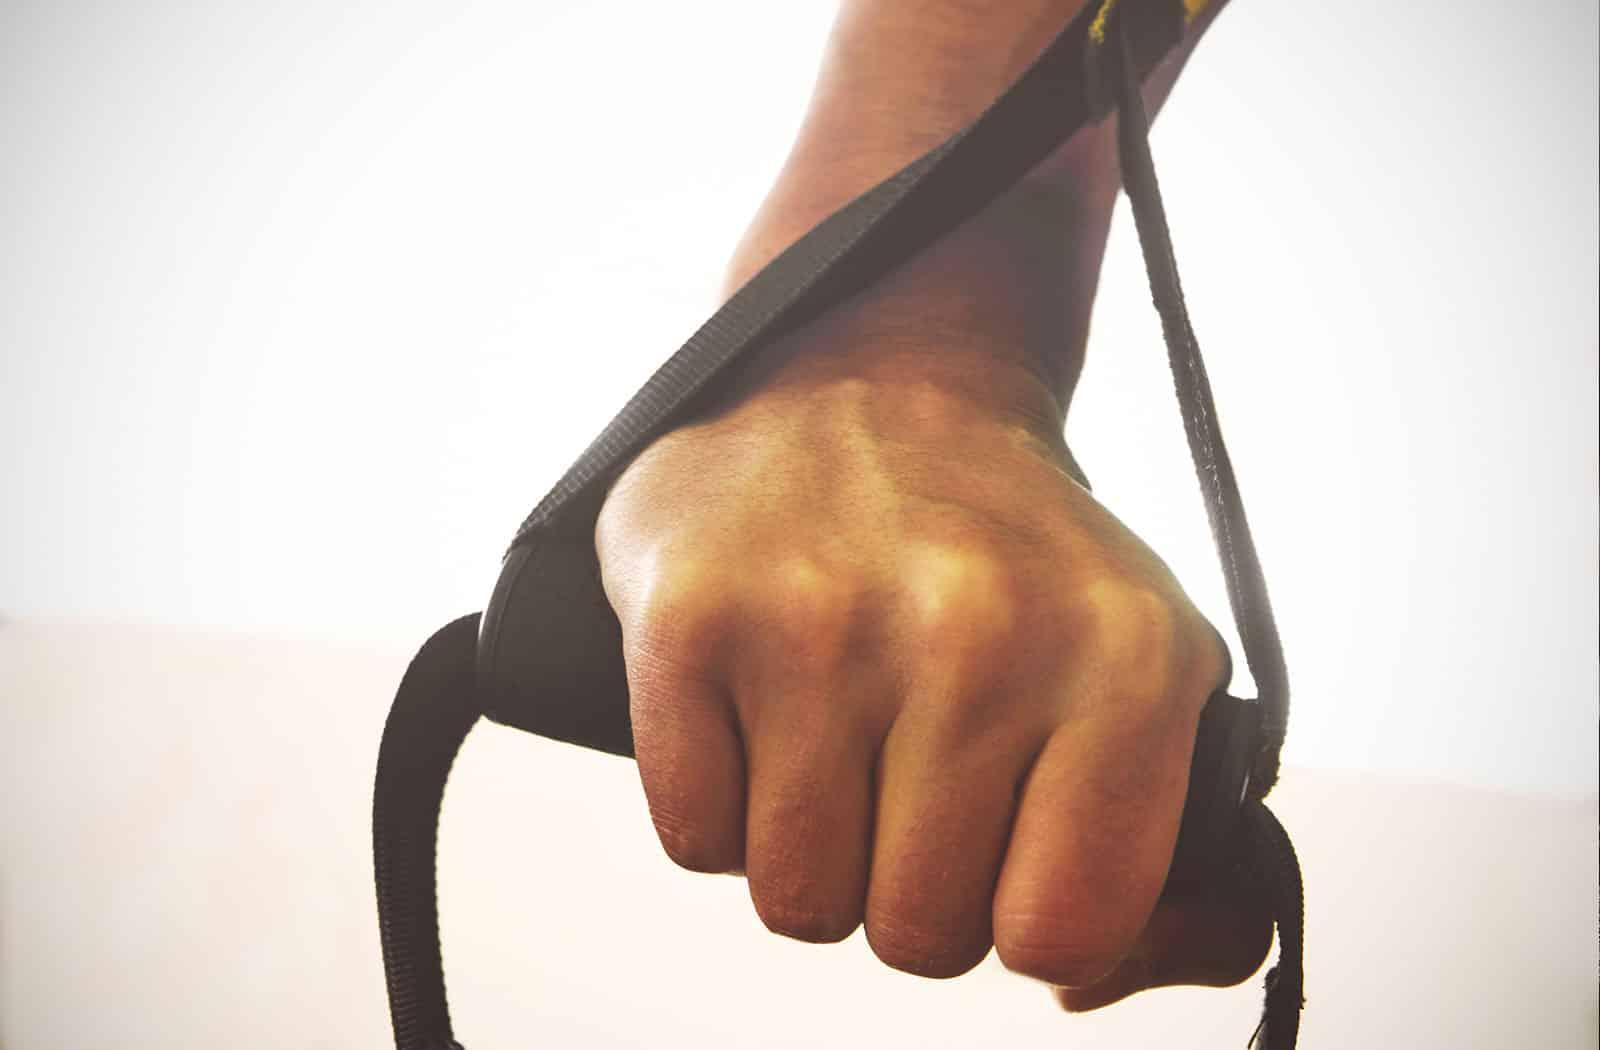 Das TRX Suspension Training in unserem Fitnessstudio ist für jedes Alter und jedes Fitnesslevel geeignet, da der Trainierende selbst den Schwierigkeitsgrad der Übungen bestimmen kann.